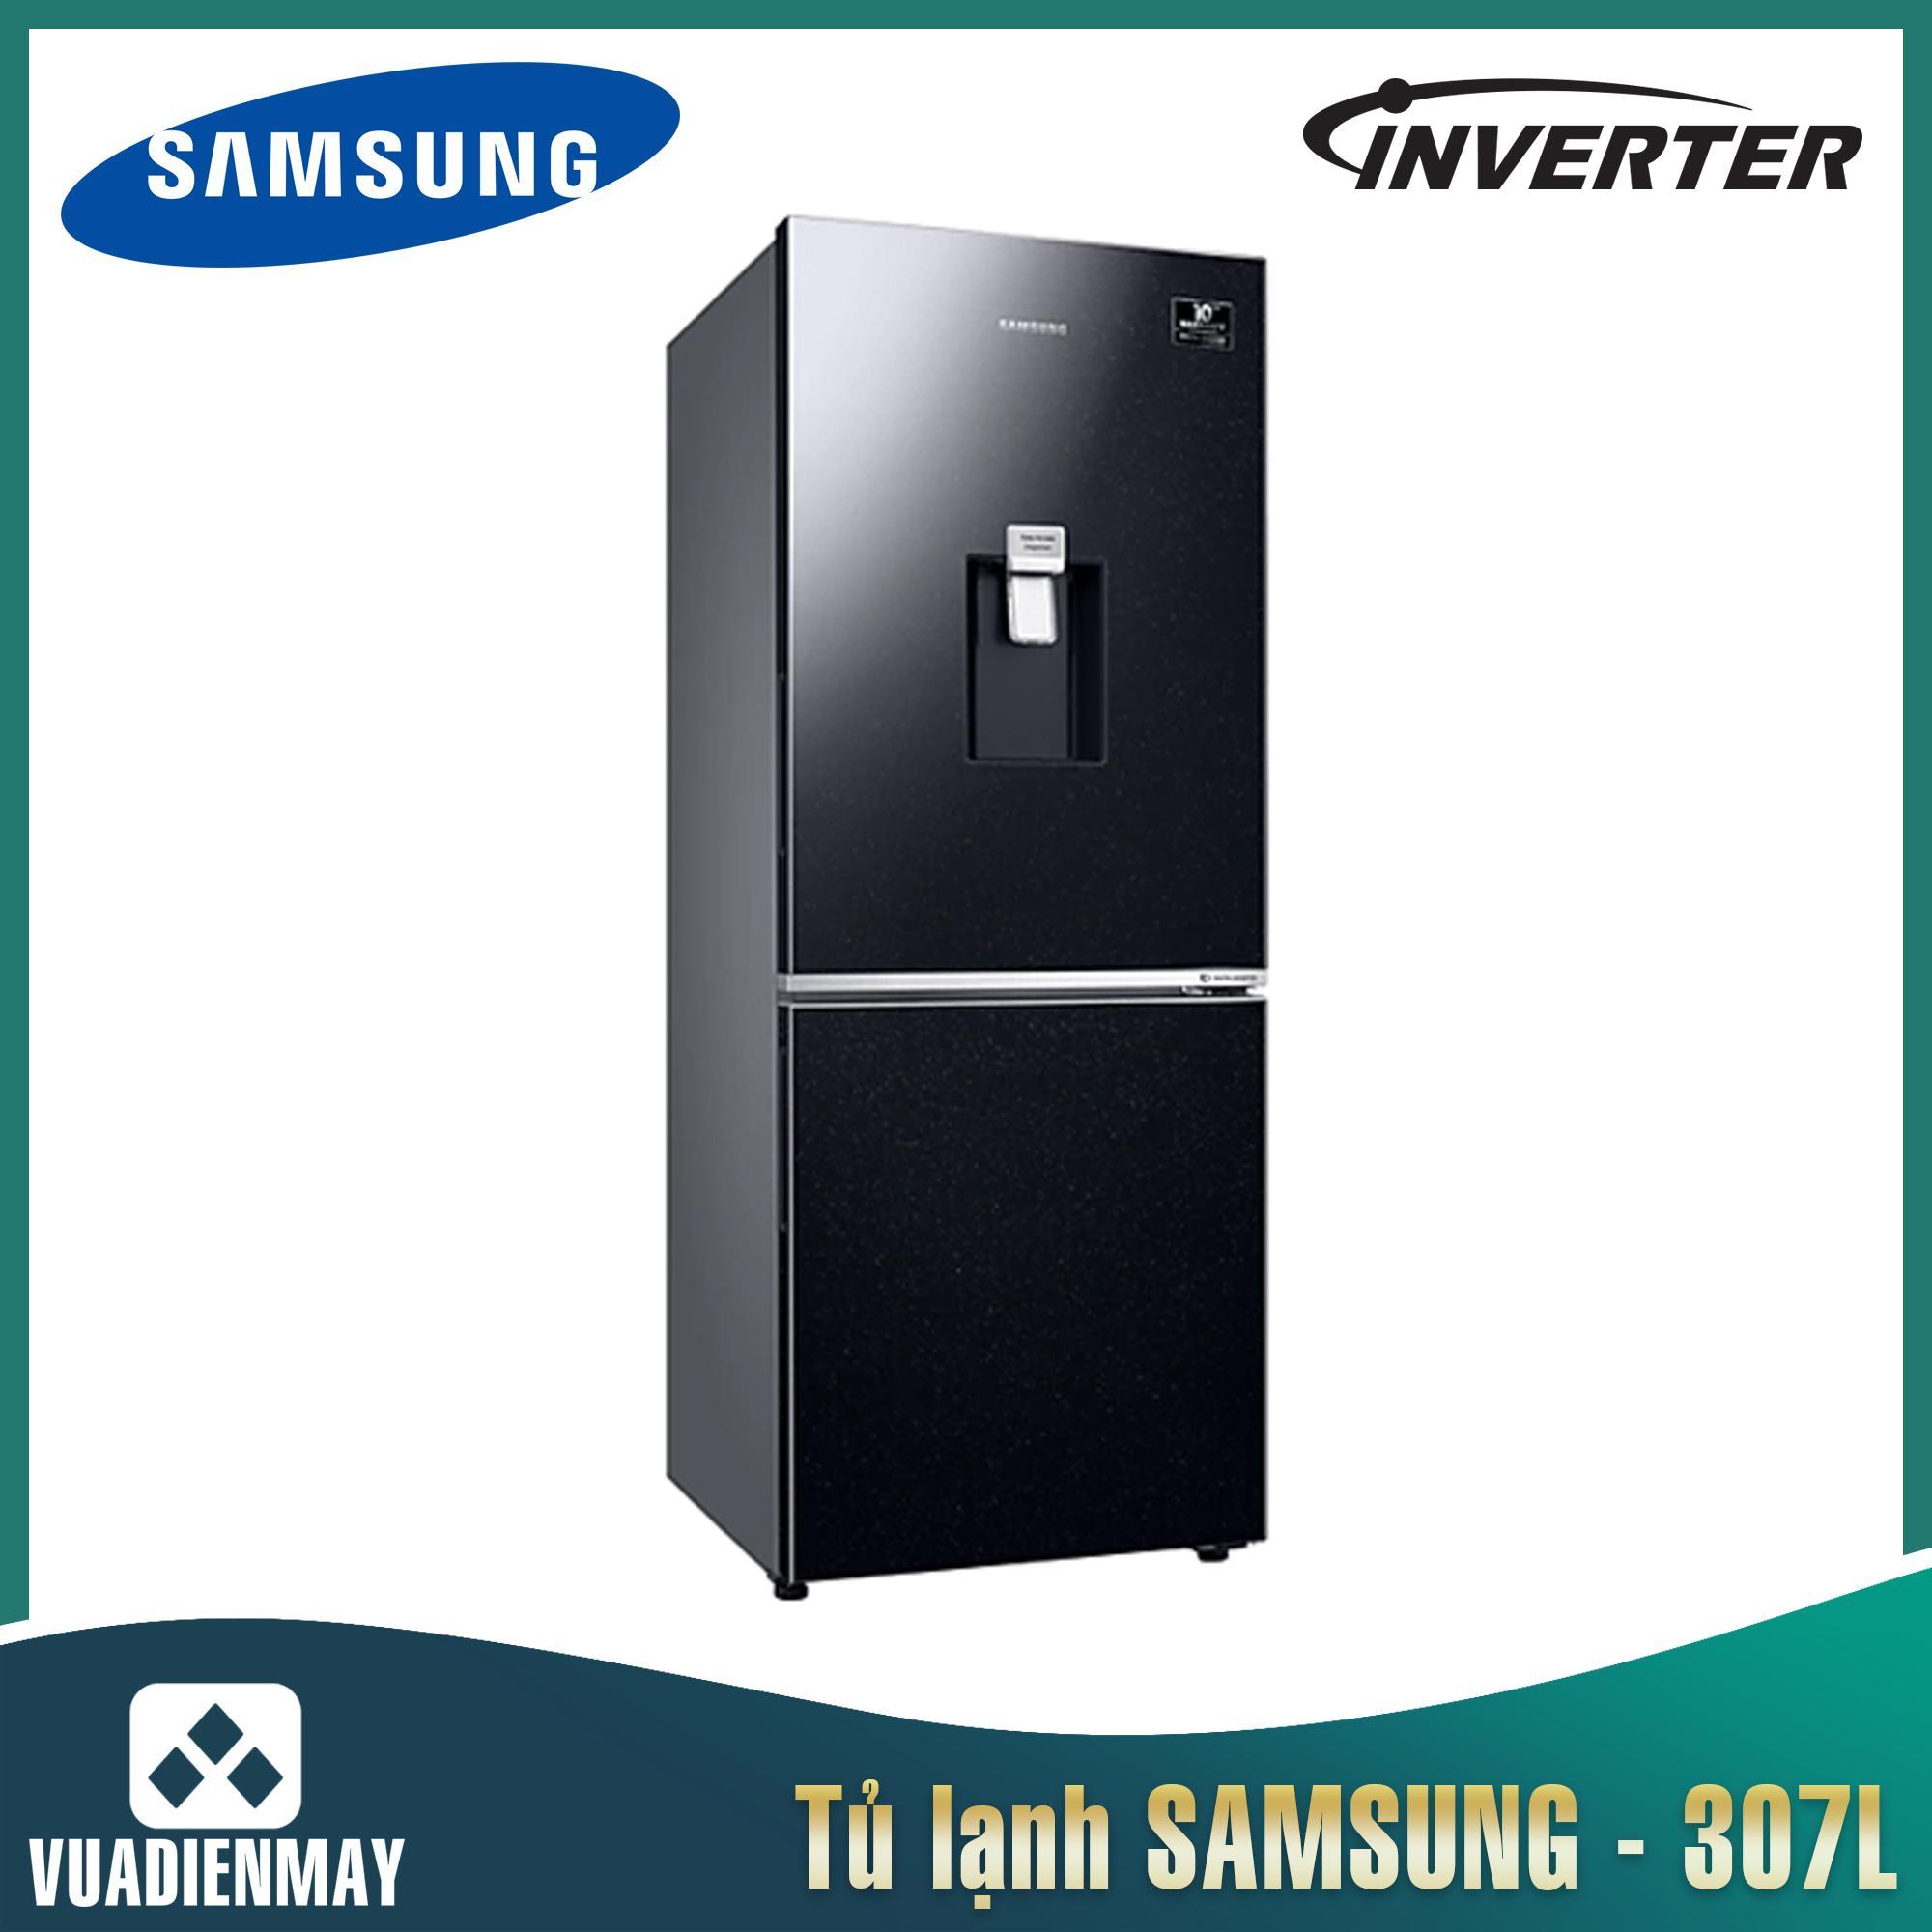 Tủ lạnh Samsung 307 lít Inverter